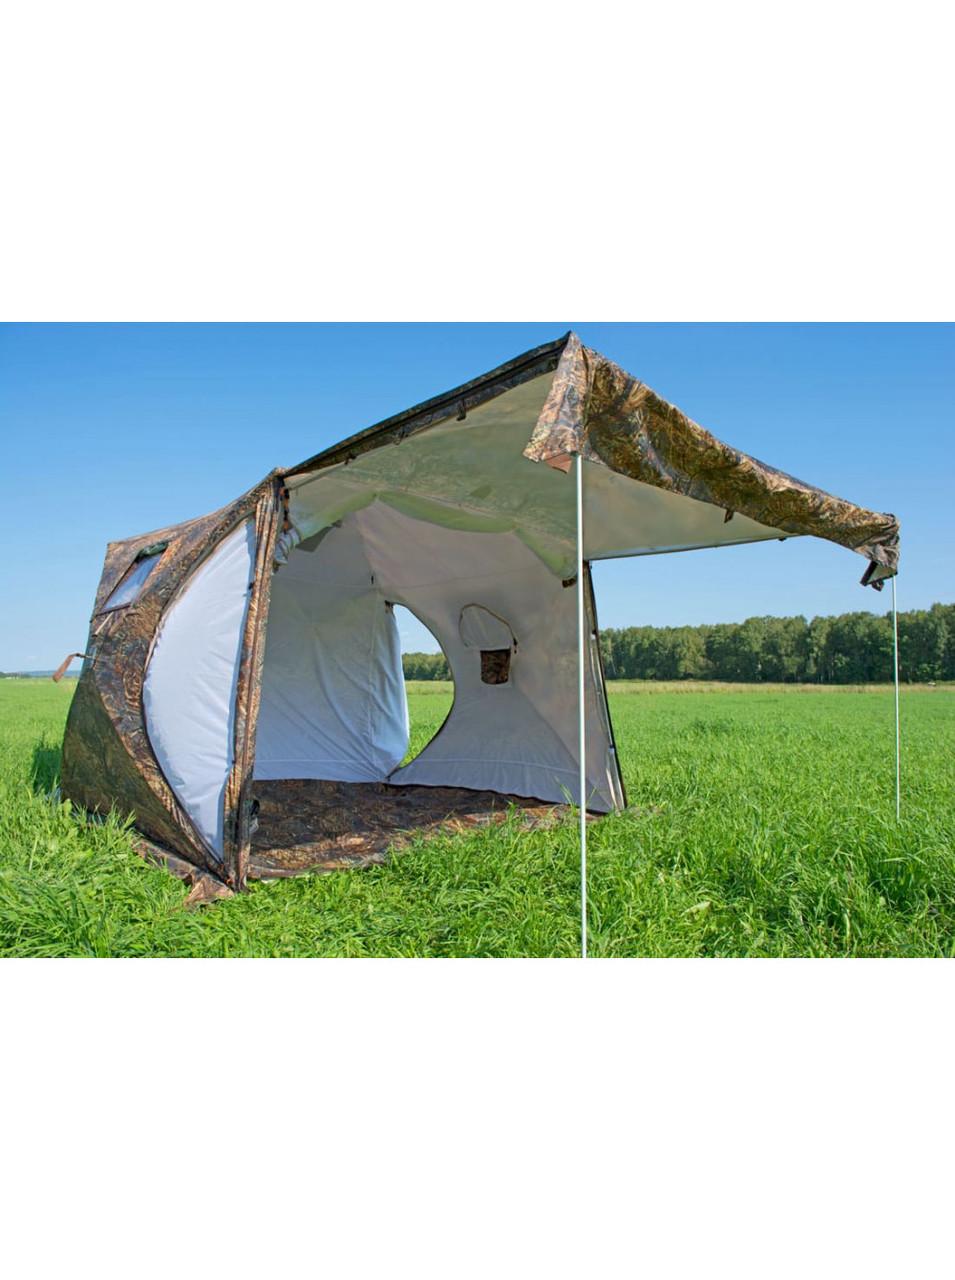 Палатка всесезонная Берег КУБ 2.20 двухслойная, непромокаемый пол из ПВХ размер 2,2 х 2,2 х 1,9 м. - фото 10